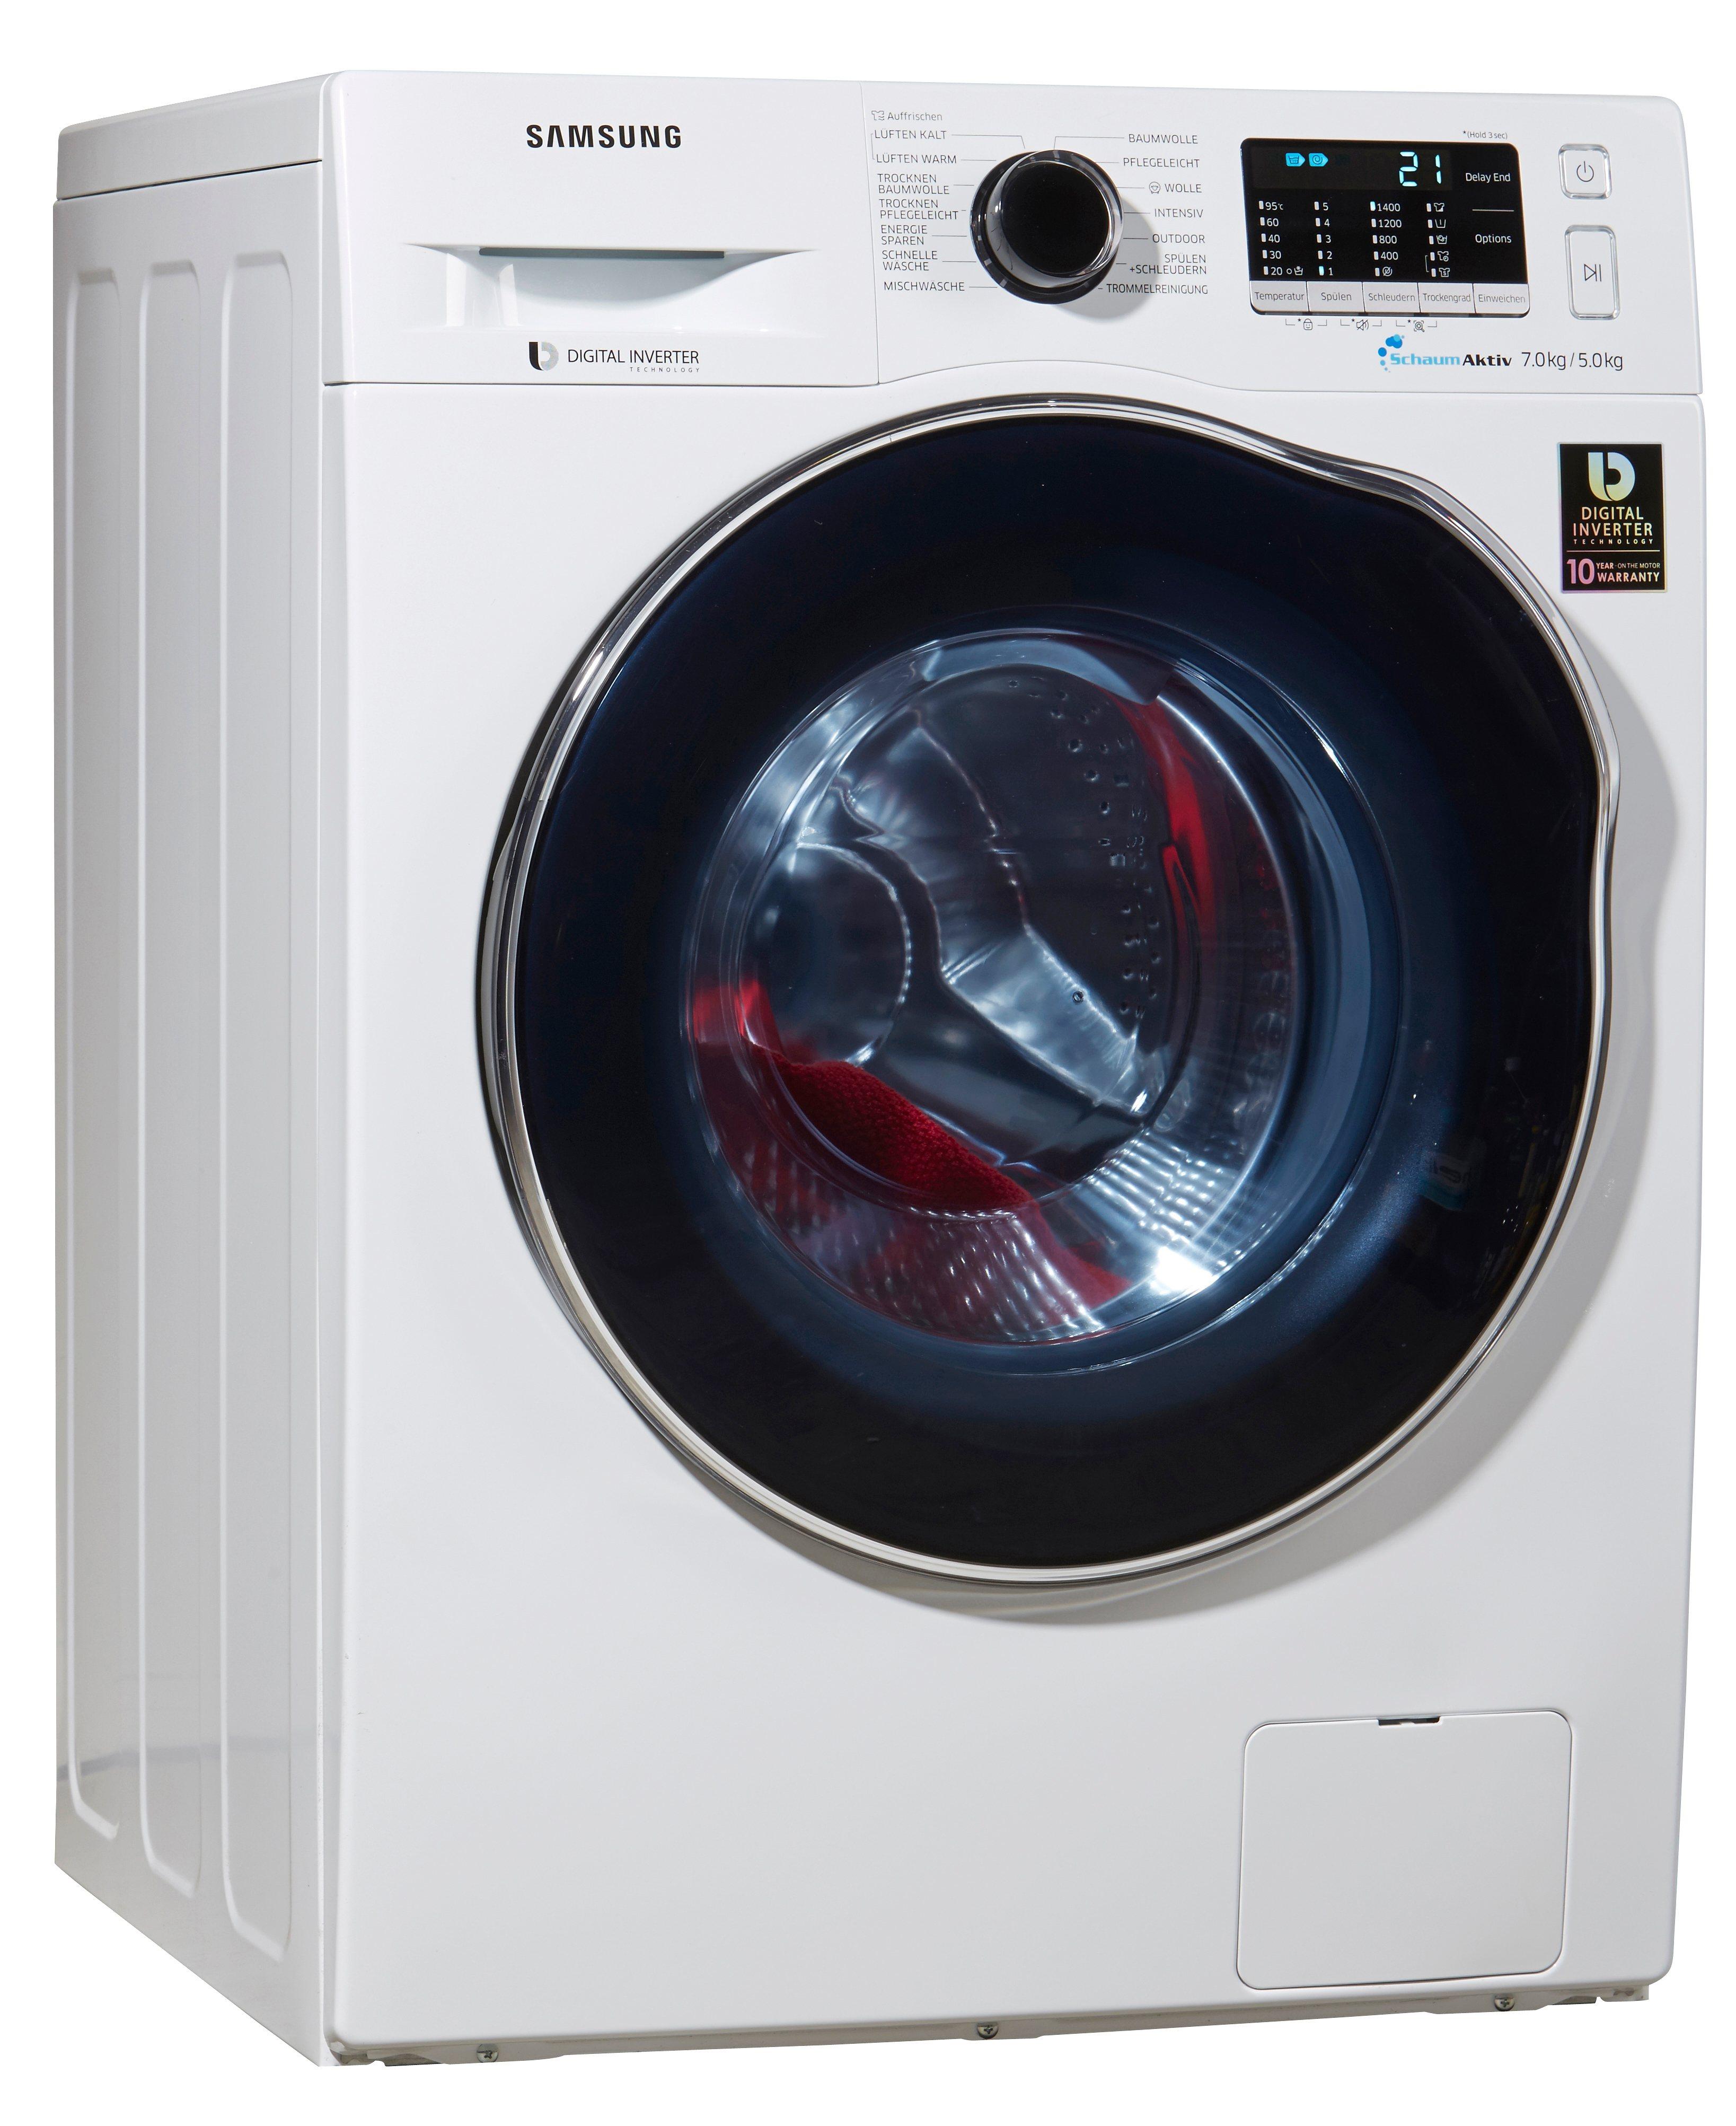 preisvergleich samsung waschtrockner wd70j5400aw eg a 7 kg 5 kg willbilliger. Black Bedroom Furniture Sets. Home Design Ideas